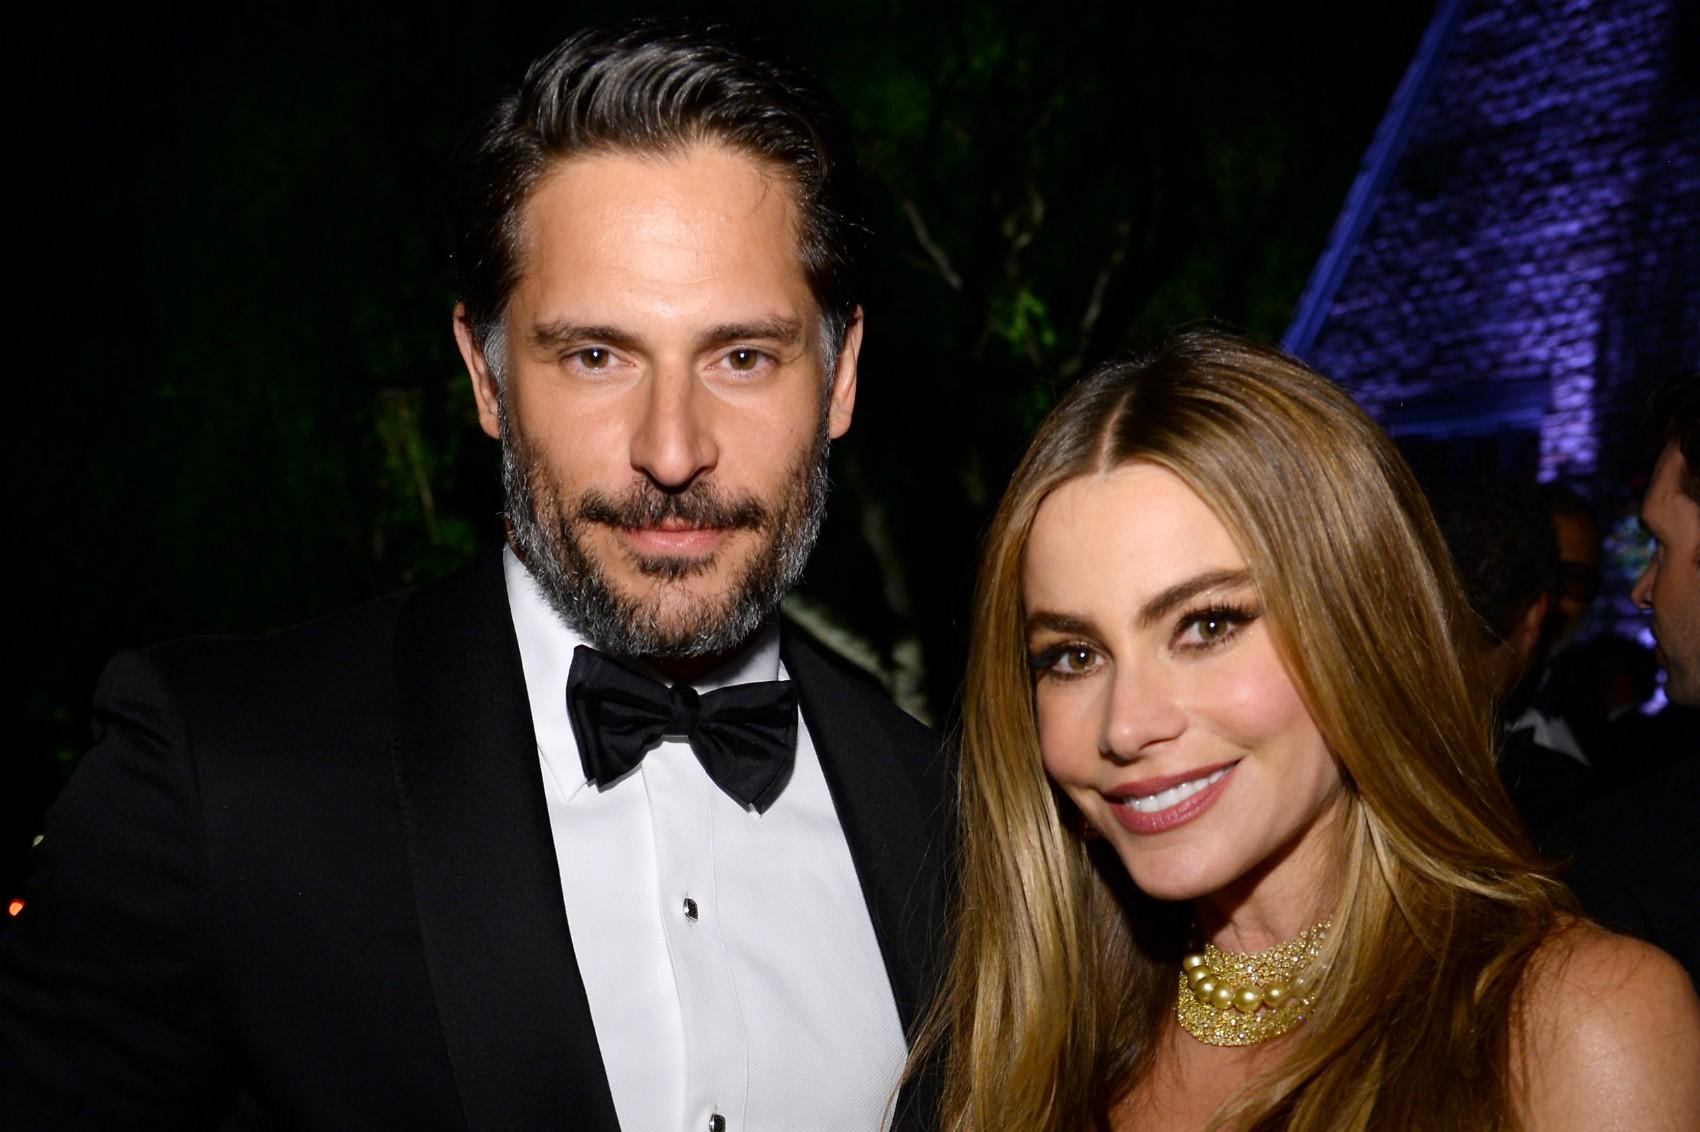 Os atores Sofía Vergara e Joe Manganiello surpreenderam os fãs e foram flagrados juntos neste mês de julho. (Foto: Getty Images)